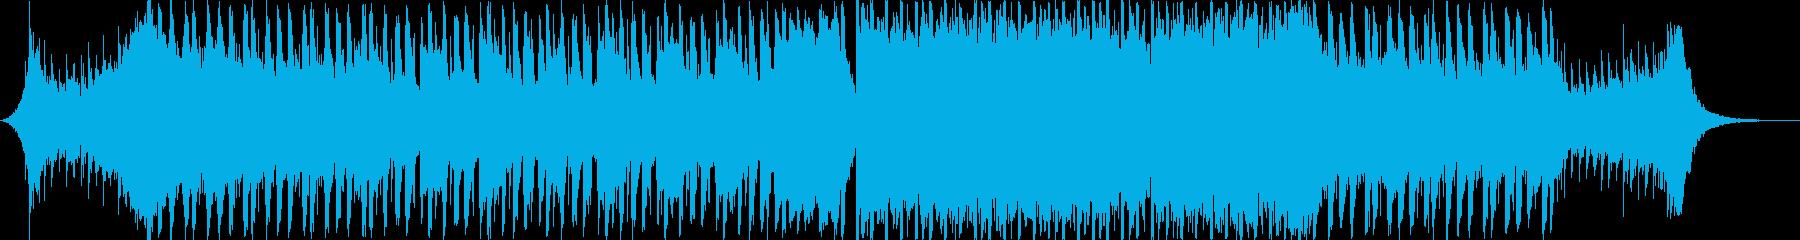 賑やかで楽しいノスタルジックジングルベルの再生済みの波形